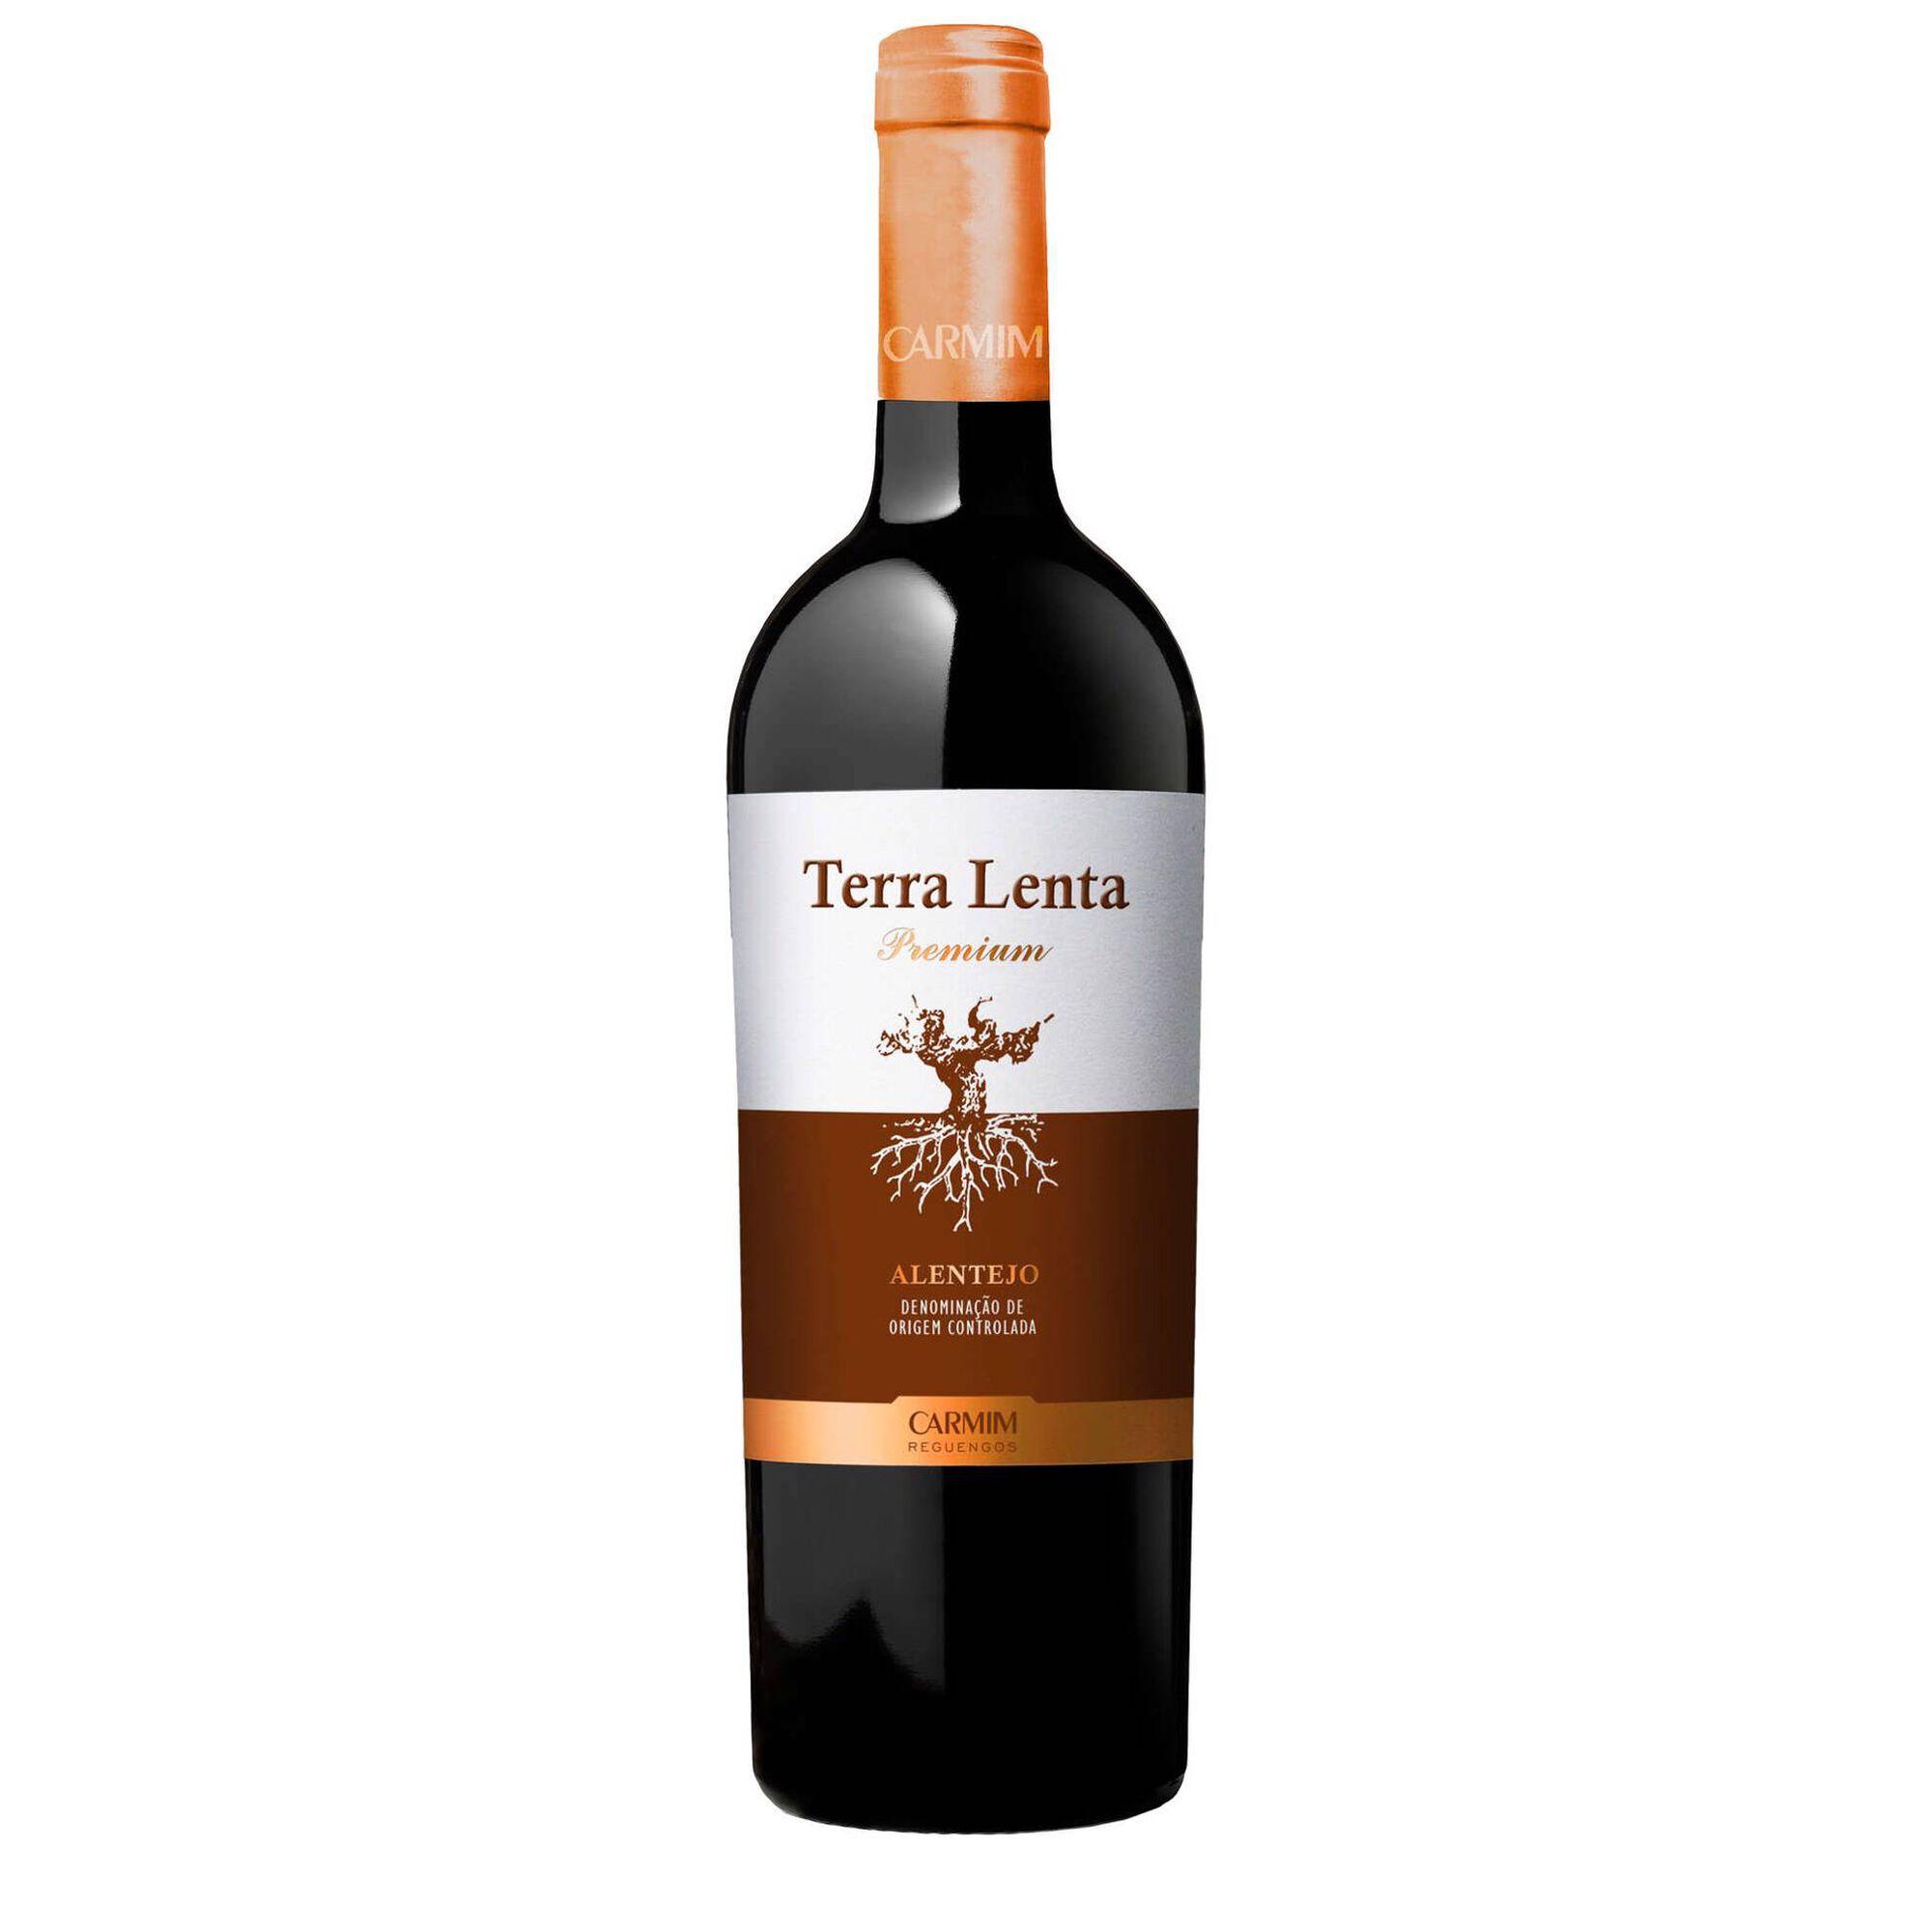 Terra Lenta Premium DOC Alentejo Vinho Tinto